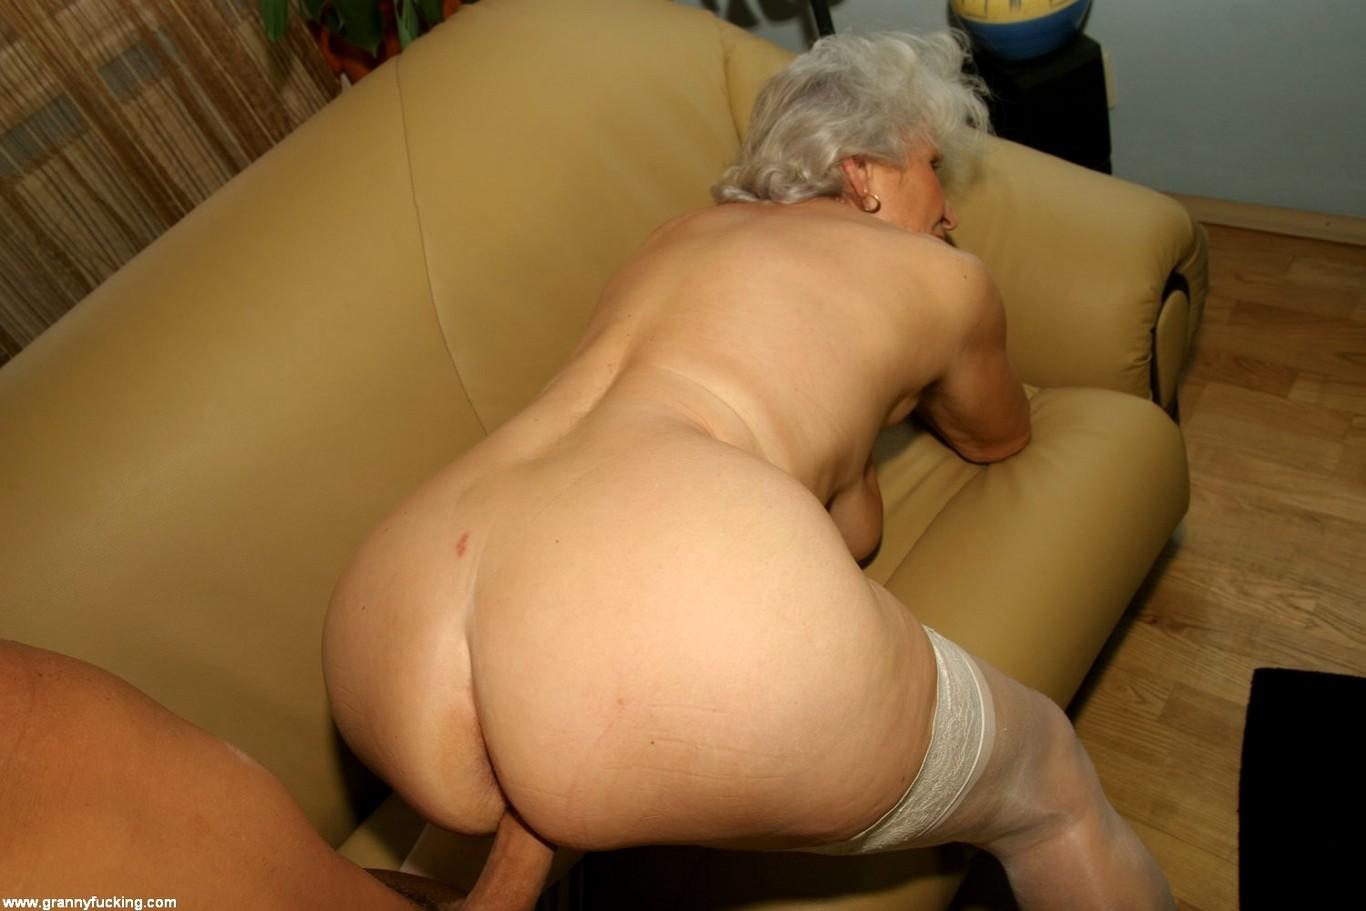 starushku-perli-rakom-seks-lesbiyanok-s-bolshimi-siskami-i-popami-smotret-na-planshete